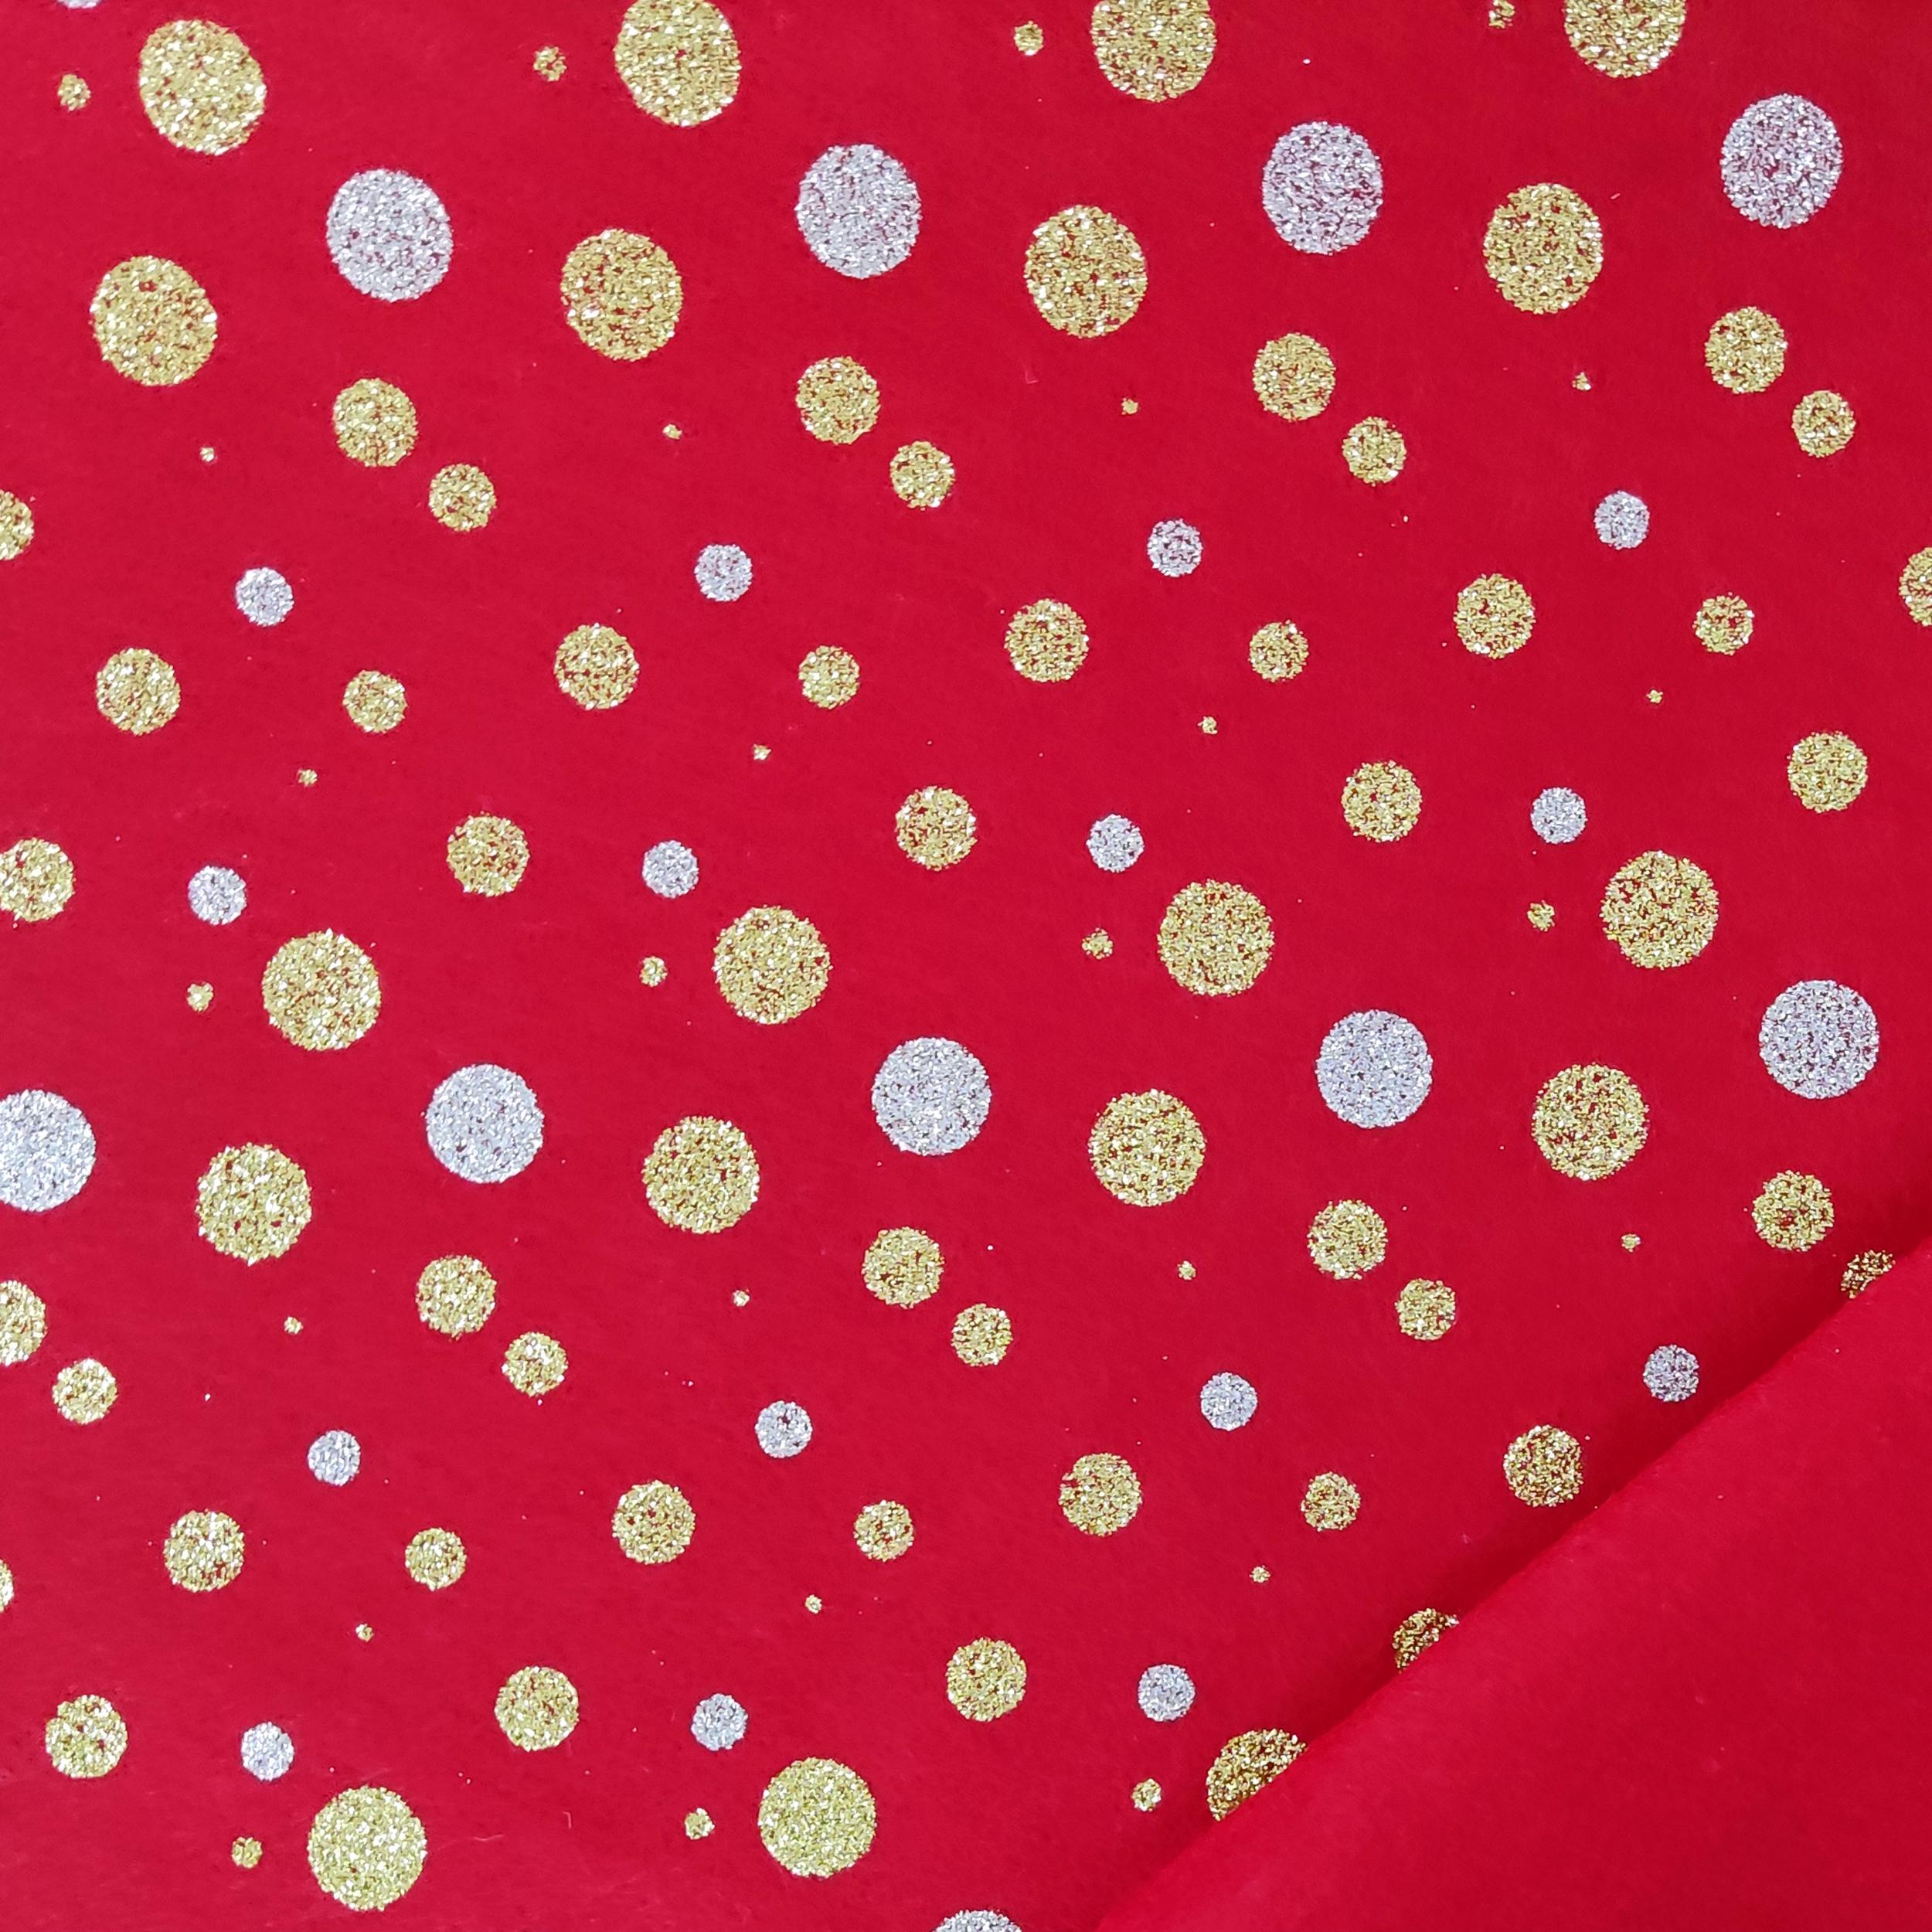 Pannolenci Pois Glitter Sfondo Rosso